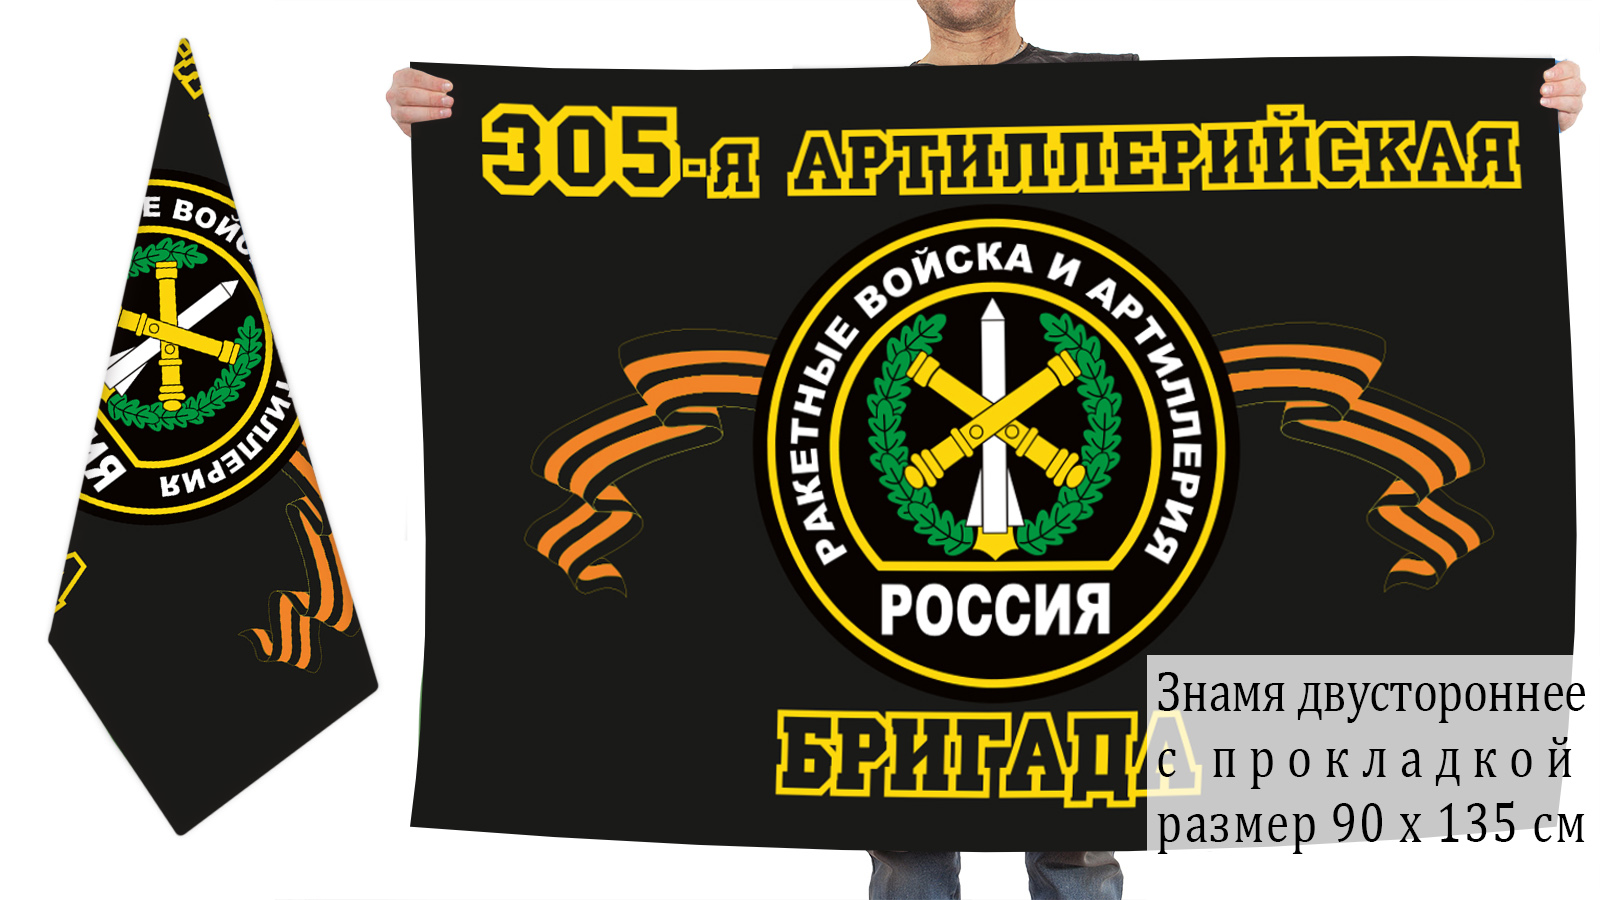 Двусторонний флаг 305 артиллерийской бригады